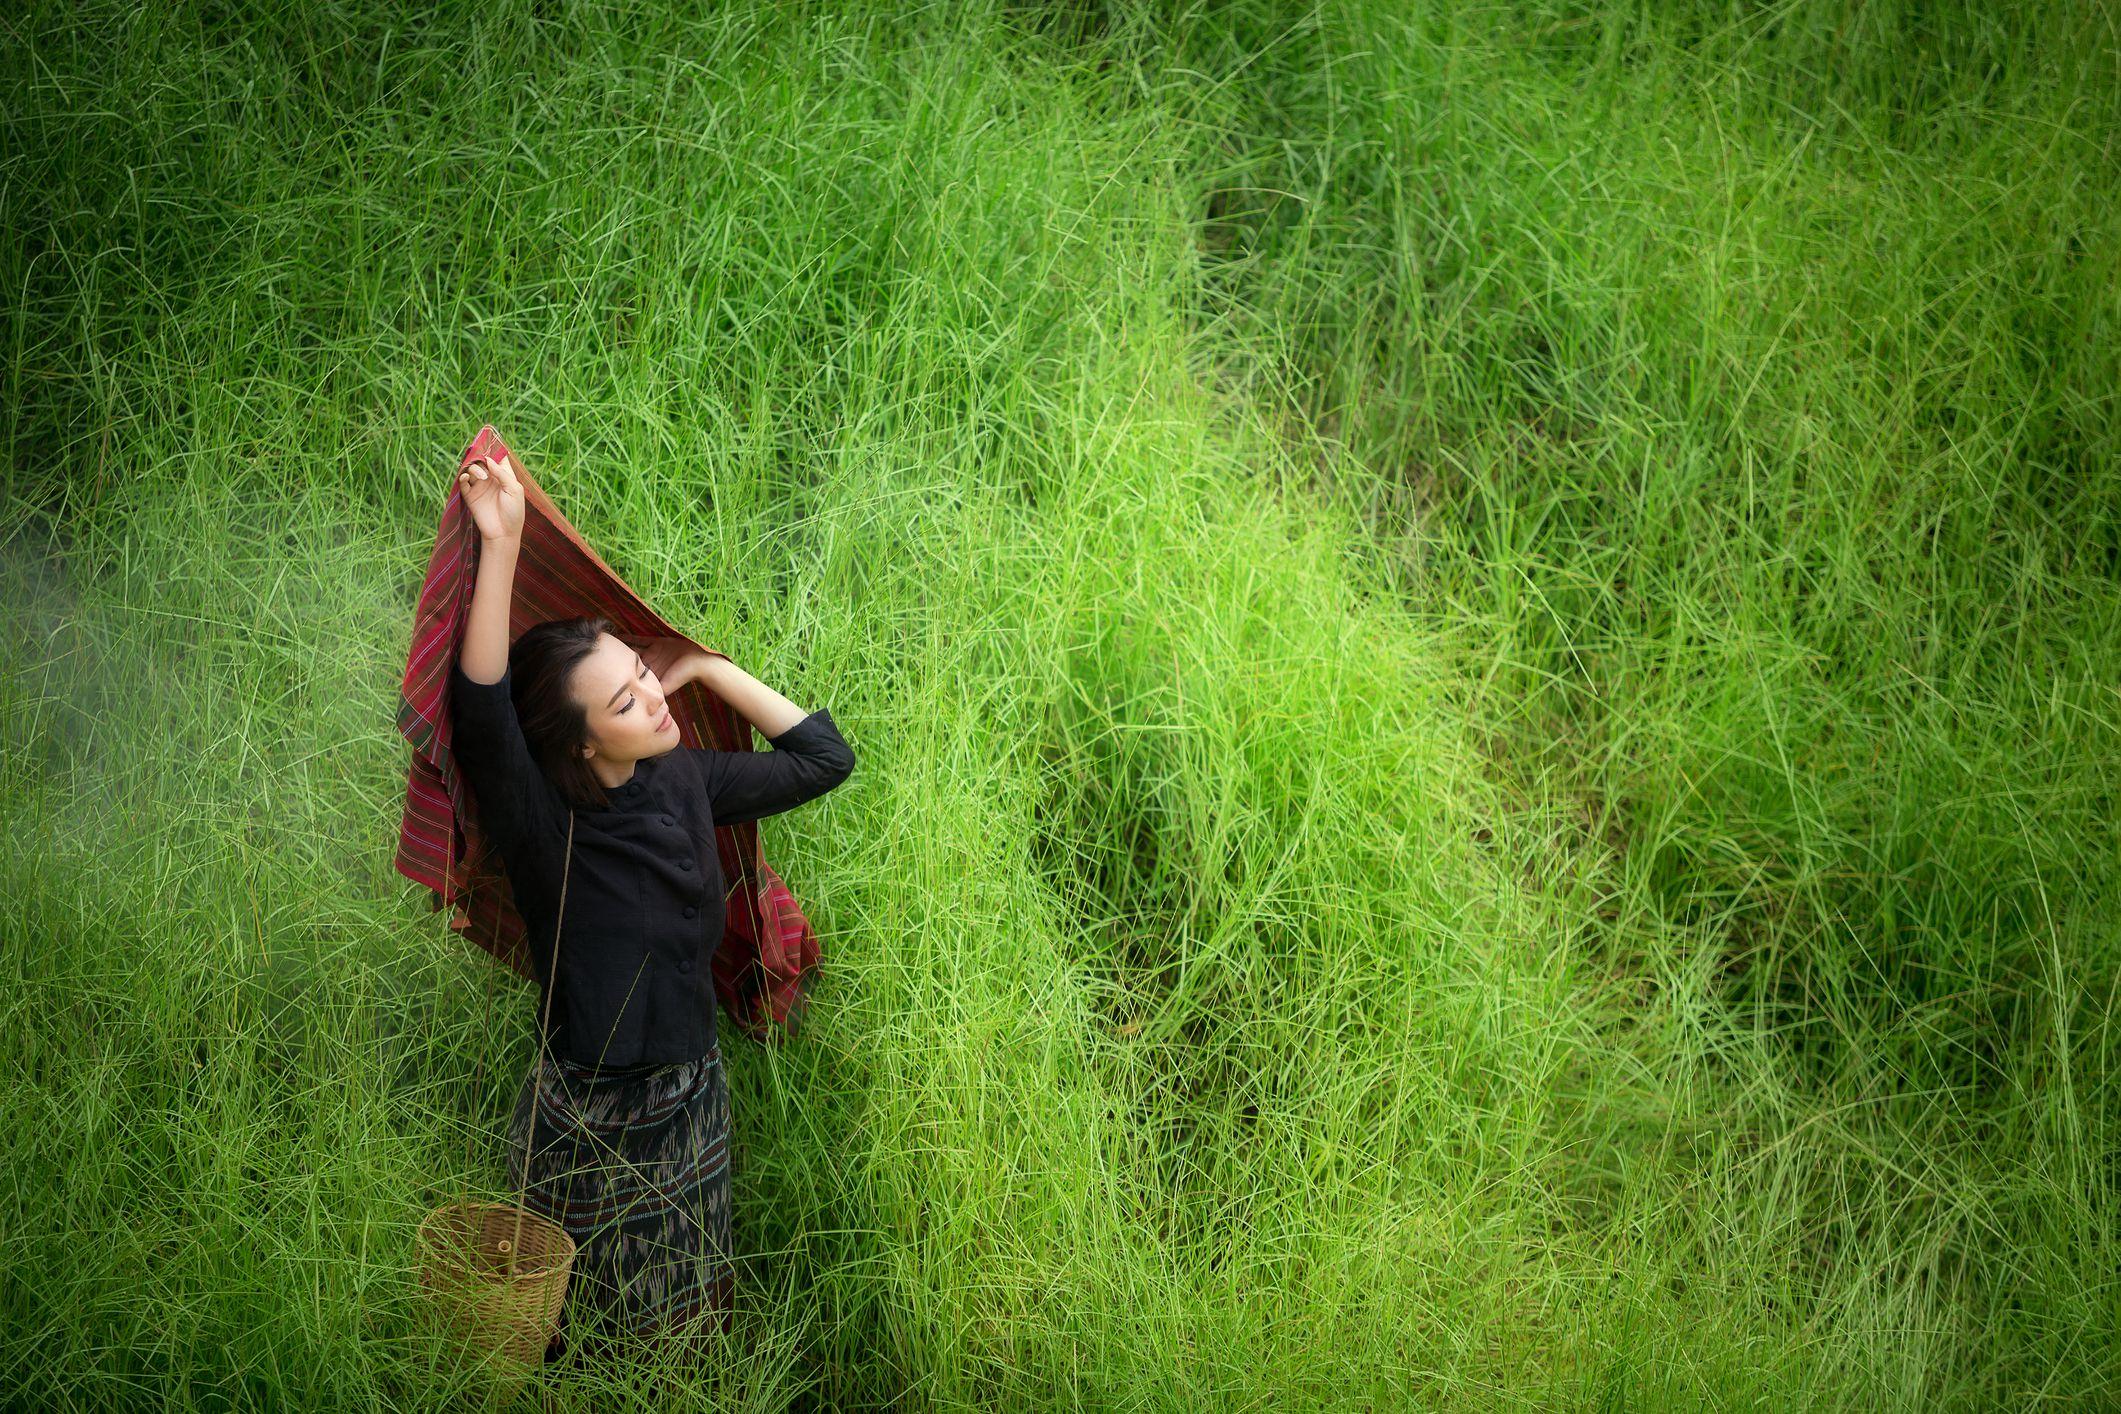 Woman in grassy field